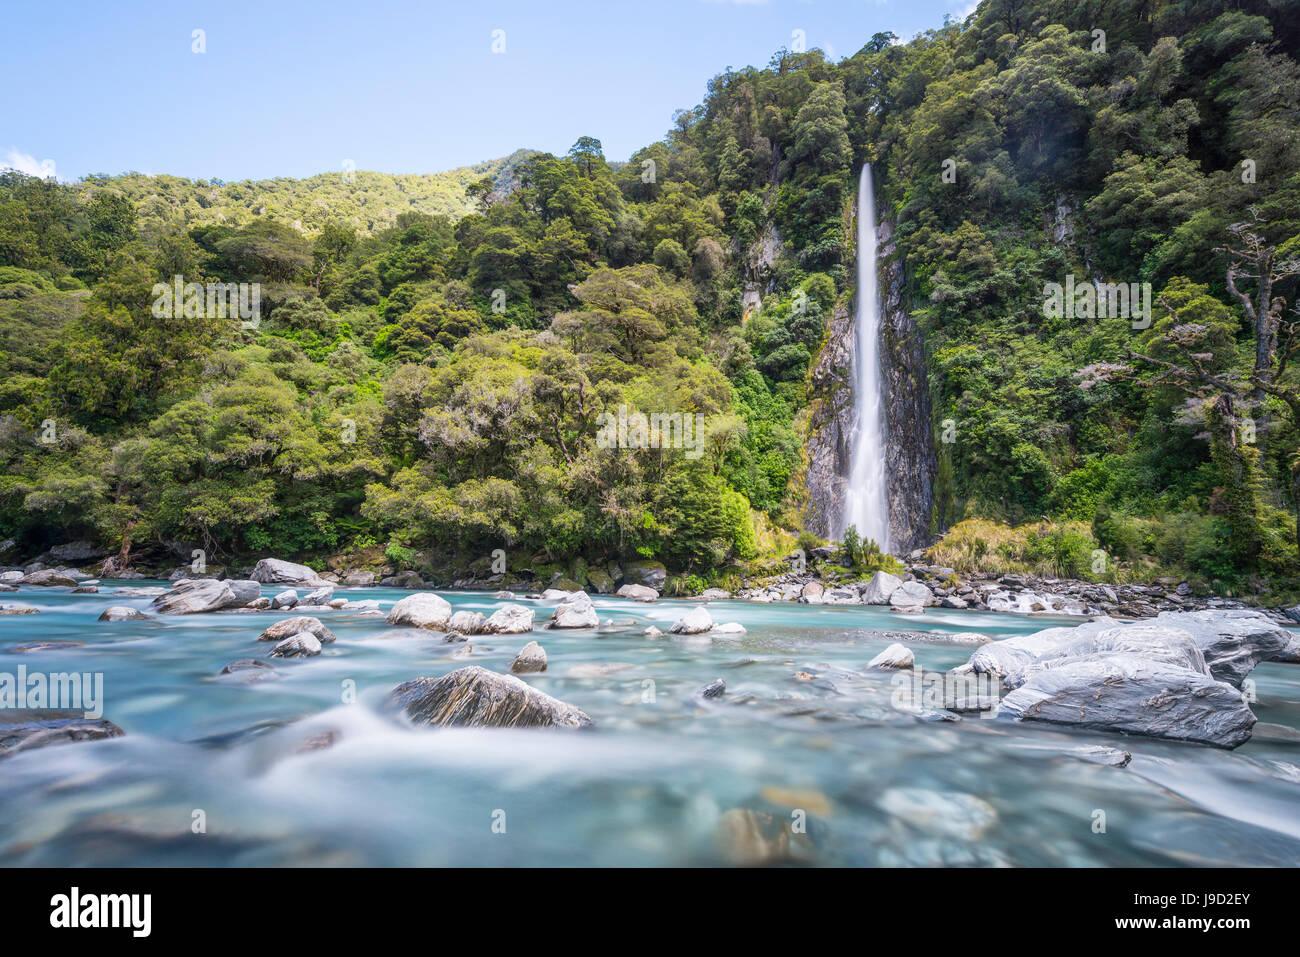 Thunder Creek Waterfall, Makarora River, Wanaka, Westcoast, South Island, New Zealand, Oceania - Stock Image